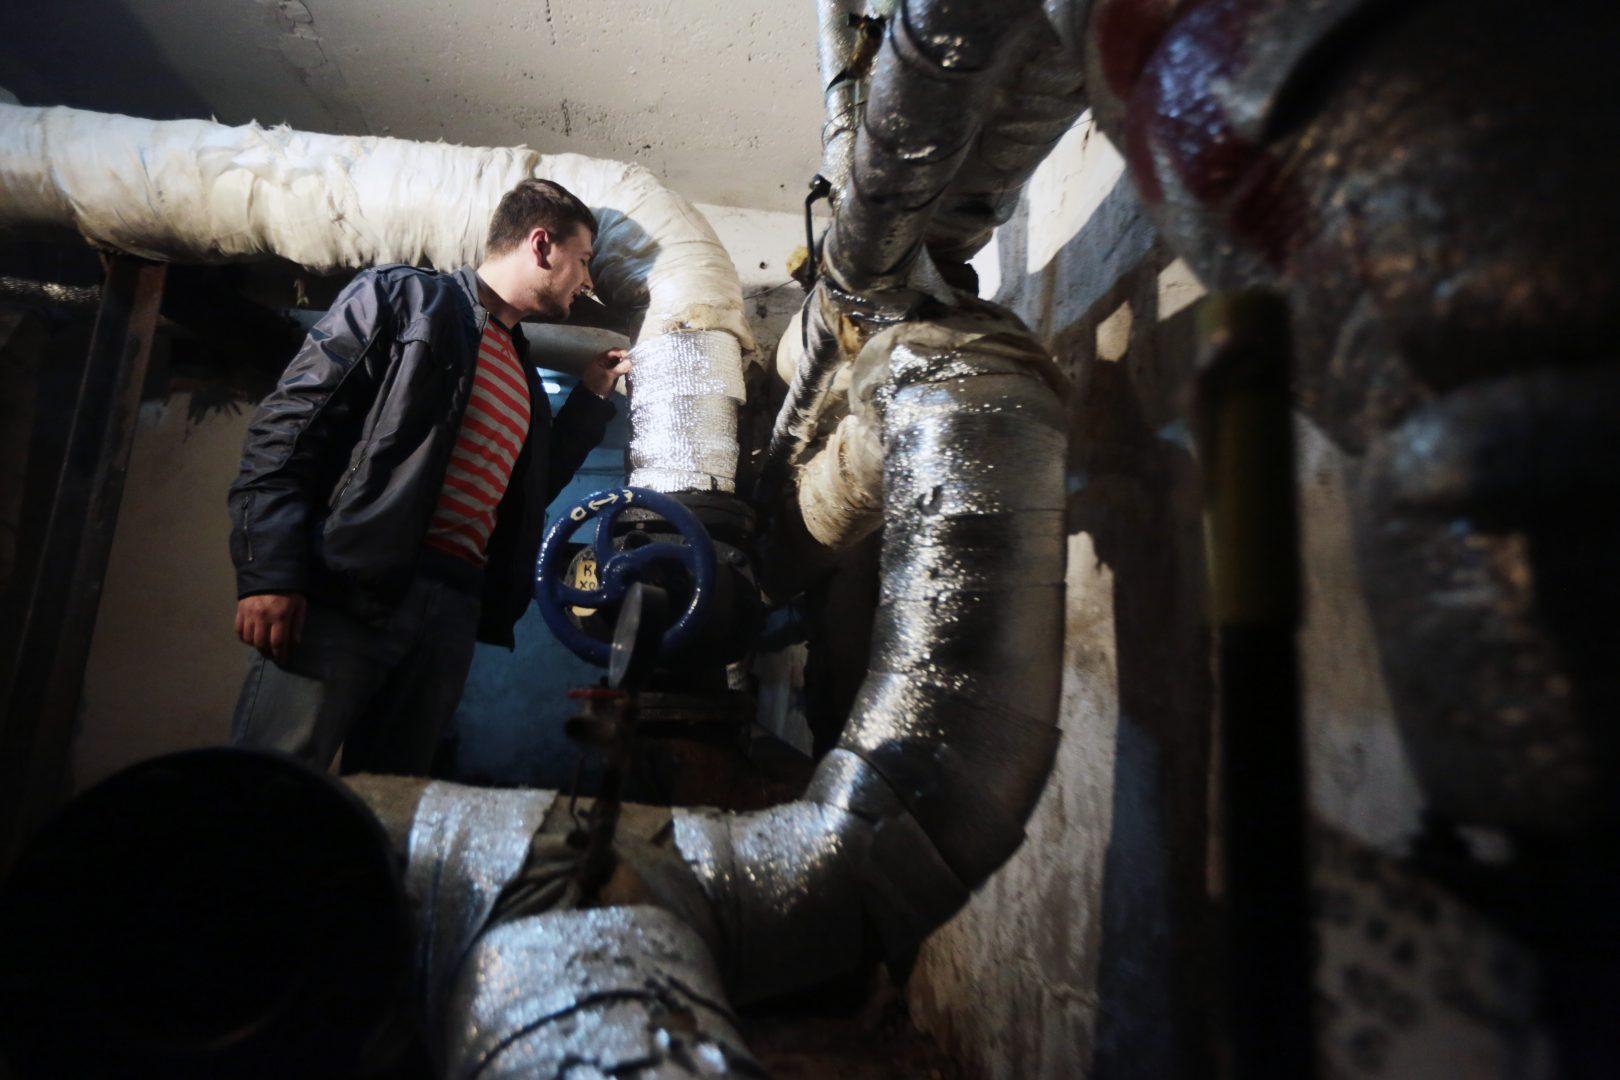 Чердаки обследовали почти во всех жилых домах в Шишкином Лесу. Фото: архив, «Вечерняя Москва»